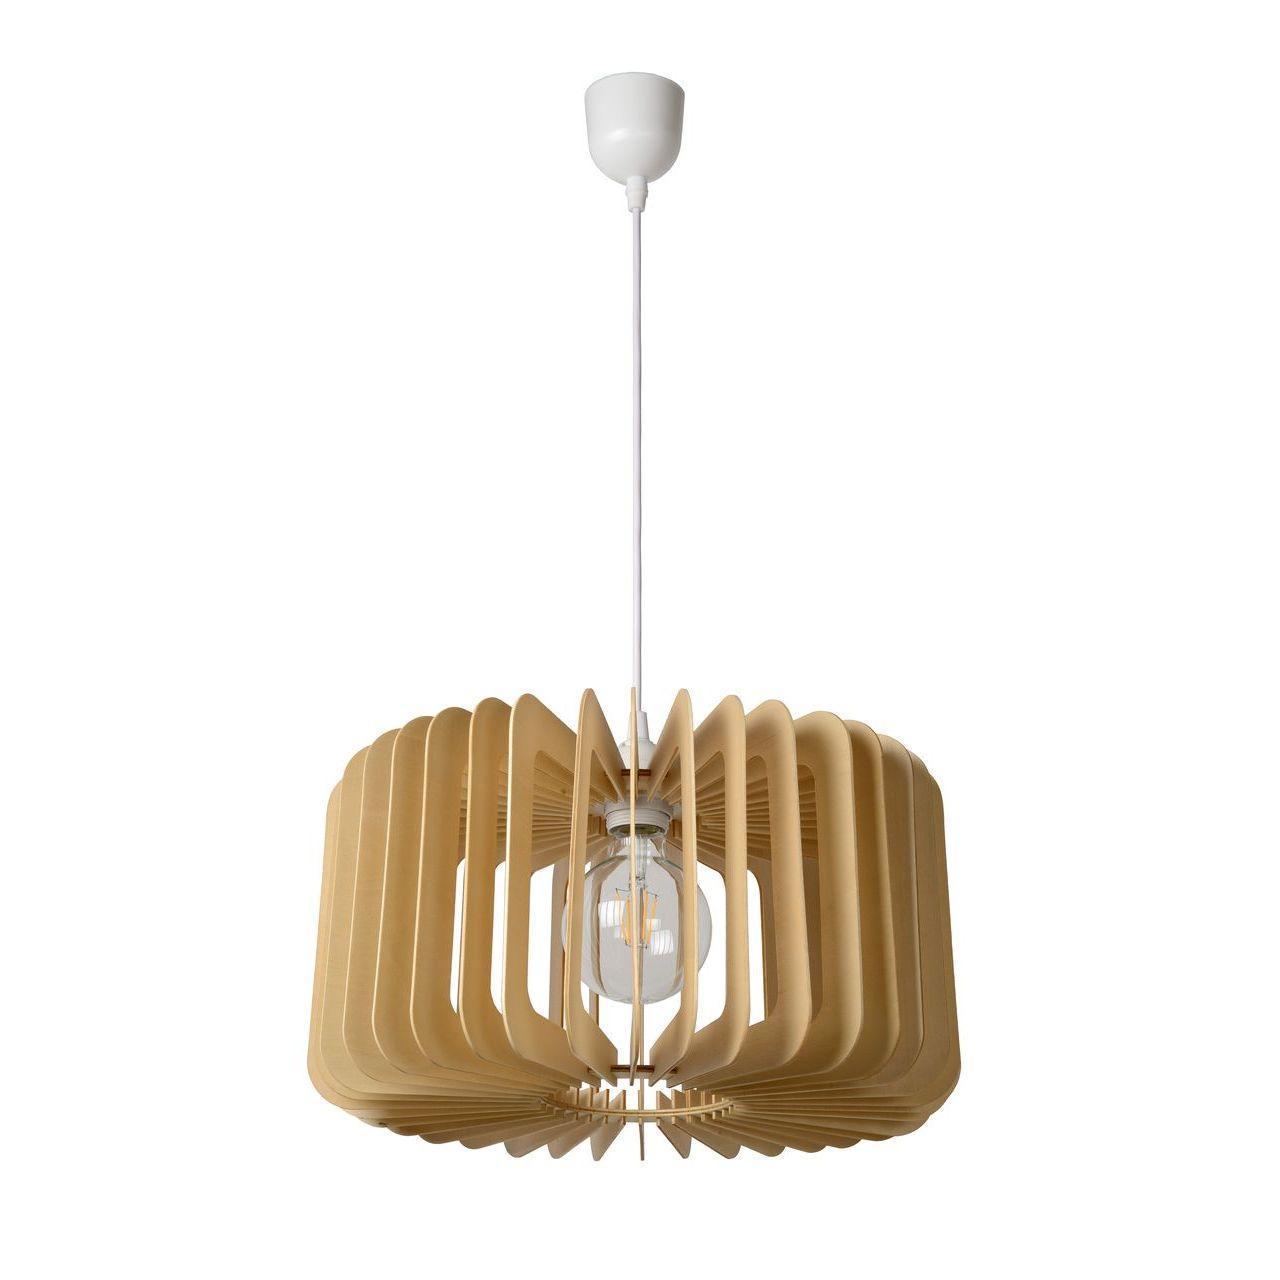 Подвесной светильник Lucide Etta 46406/39/76 lucide подвесной светильник lucide bounde 34425 35 76